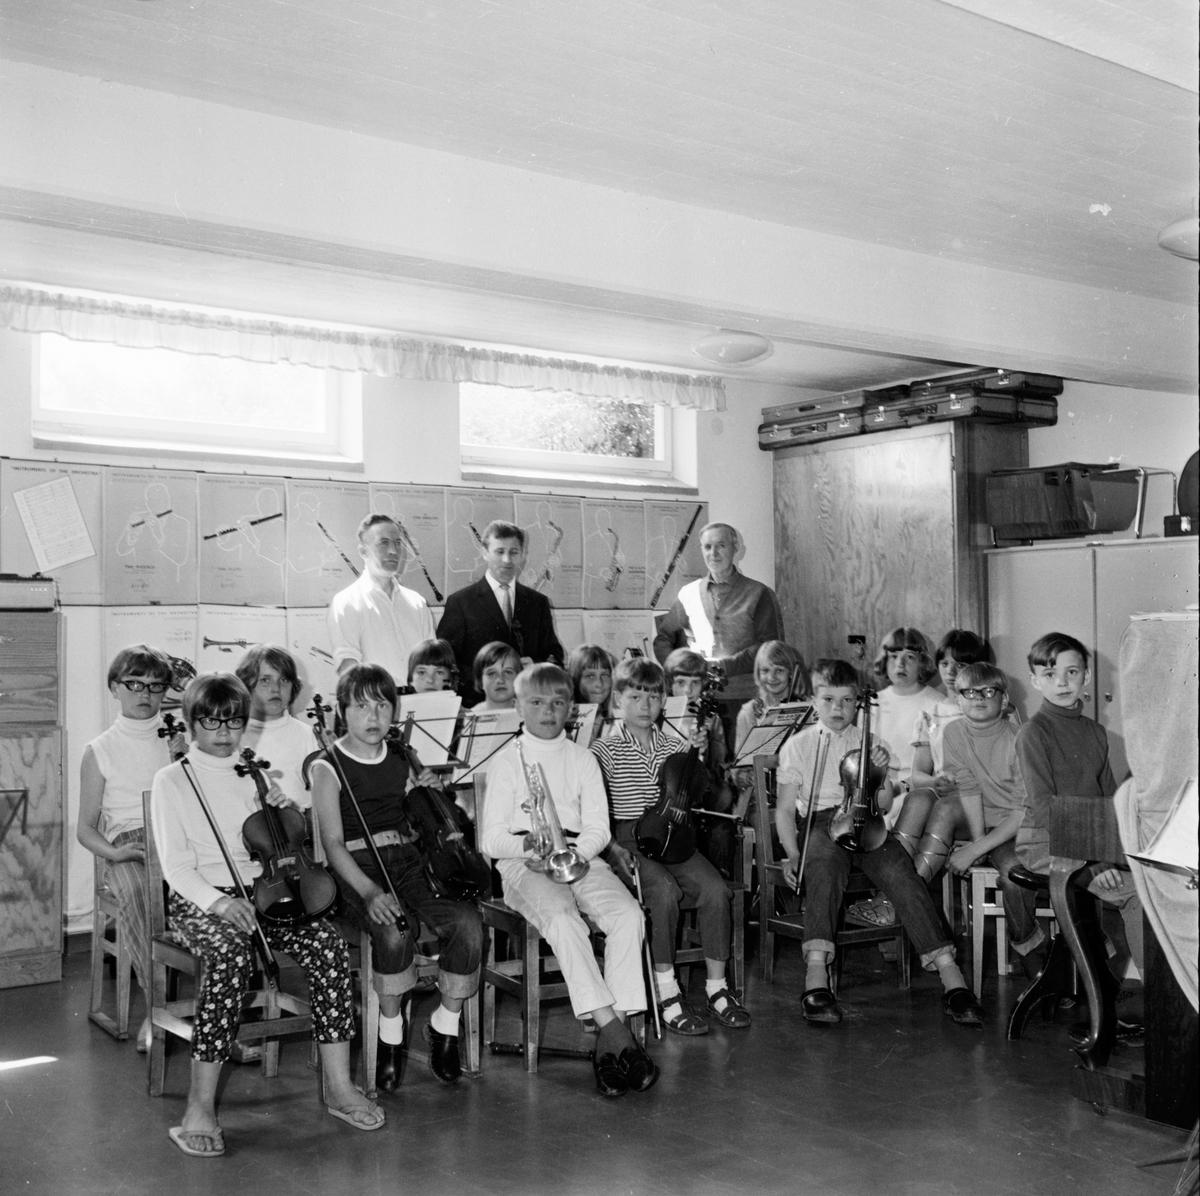 Arbrå. Musik-kurs för barn. 15/6-1967